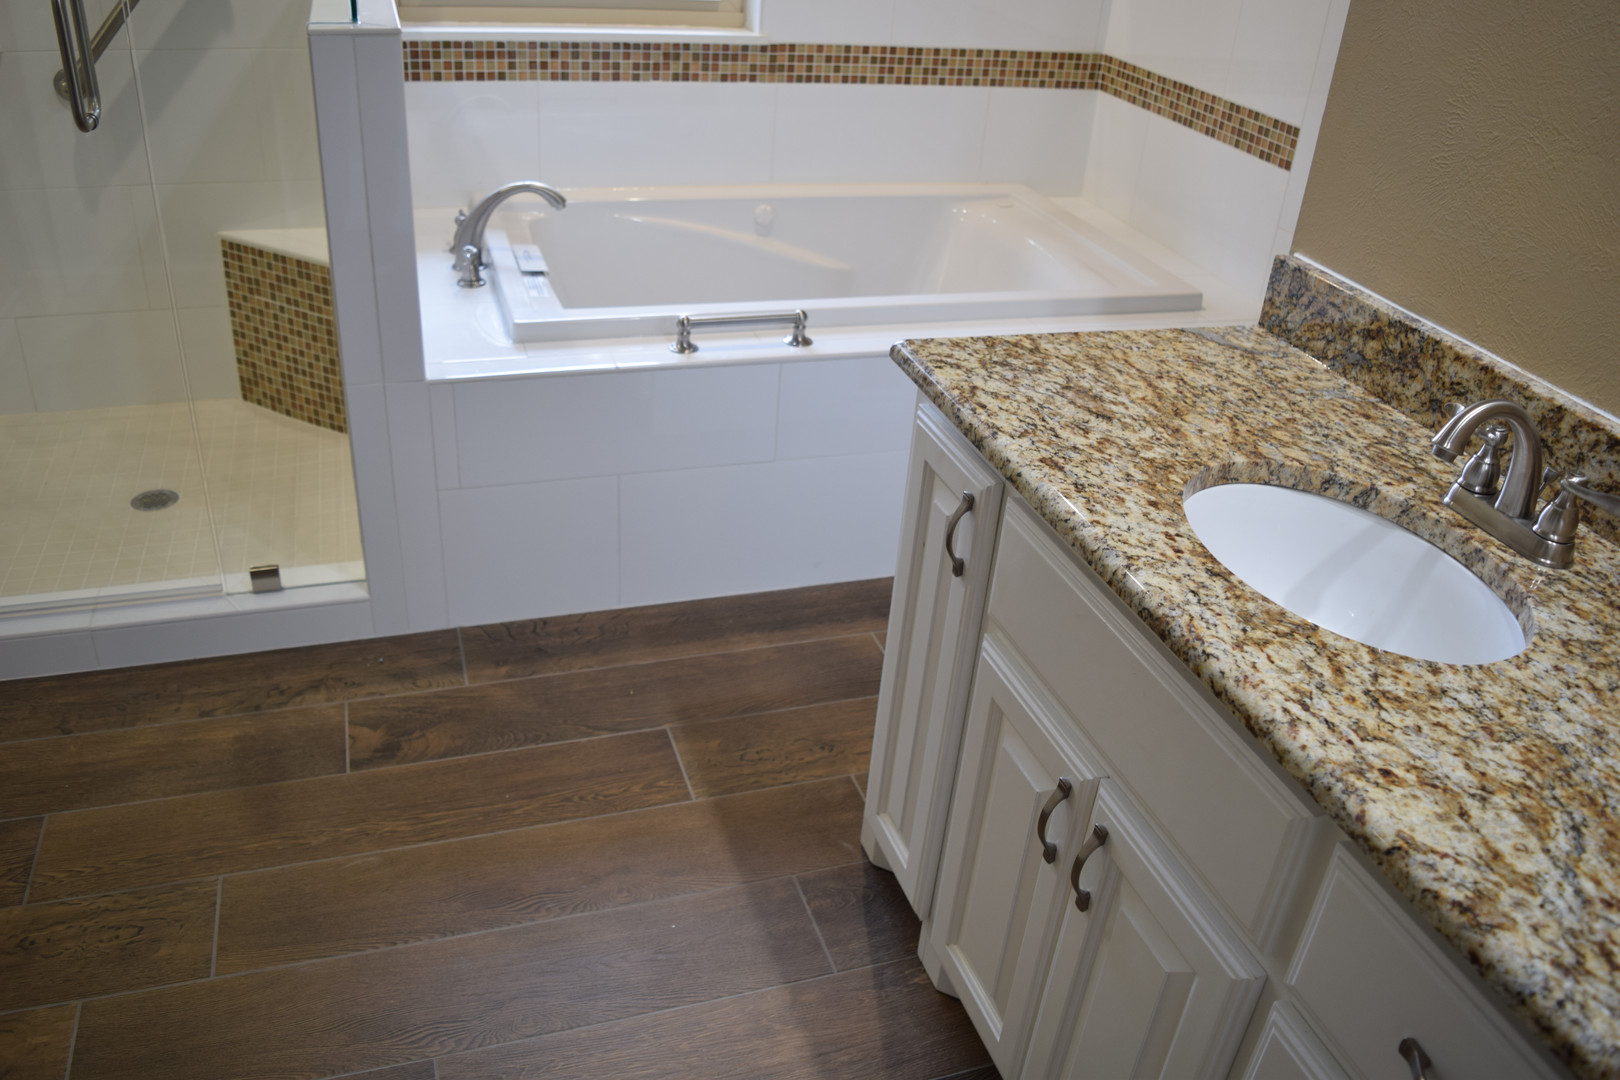 Wood Look Tile Bathroom Floor and Granite Countertop